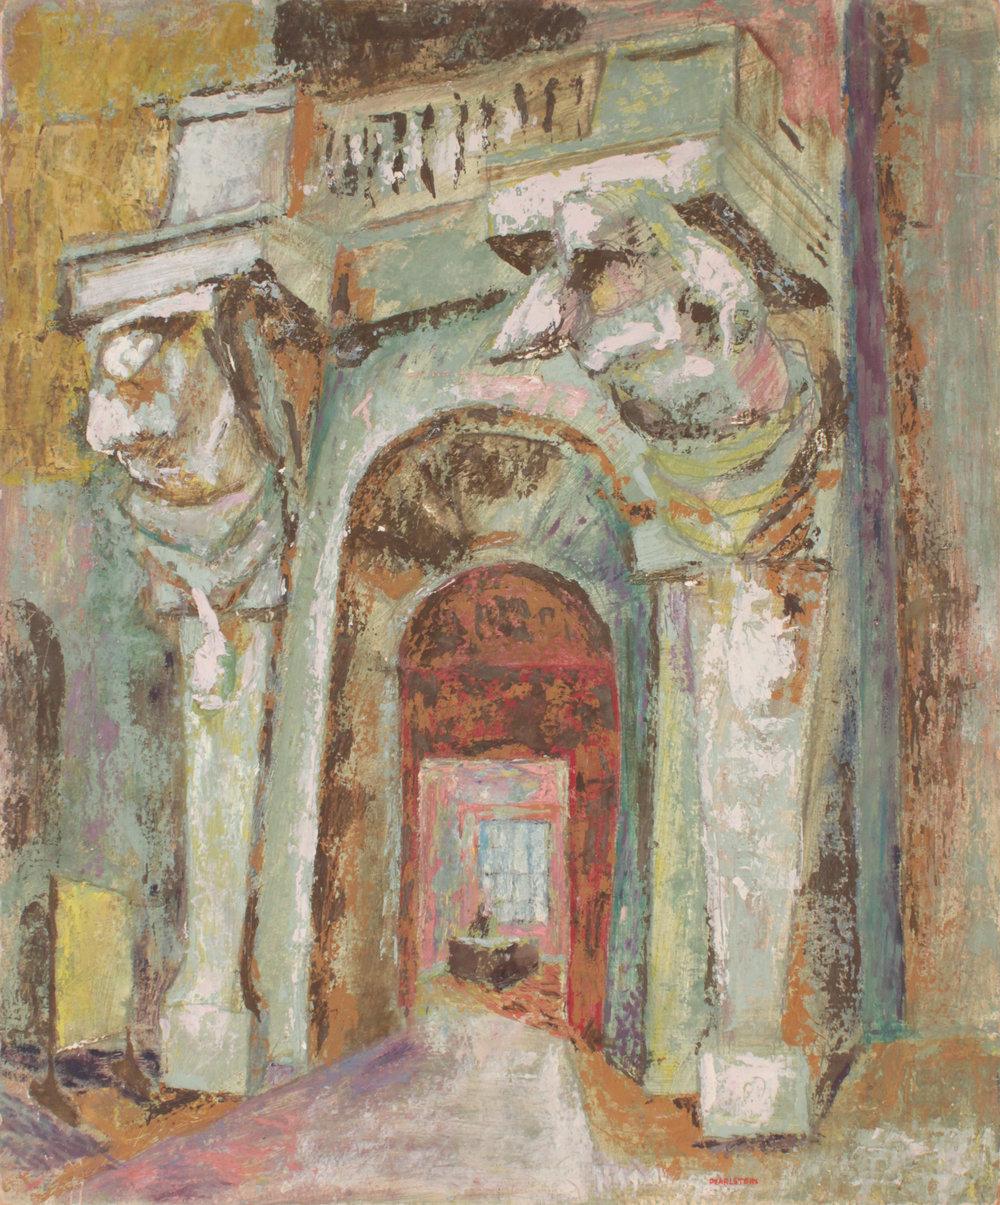 30. 1948-49 c, Office Entrance, Casein Tempera on Board, 30 x 25, PPS 1568.JPG